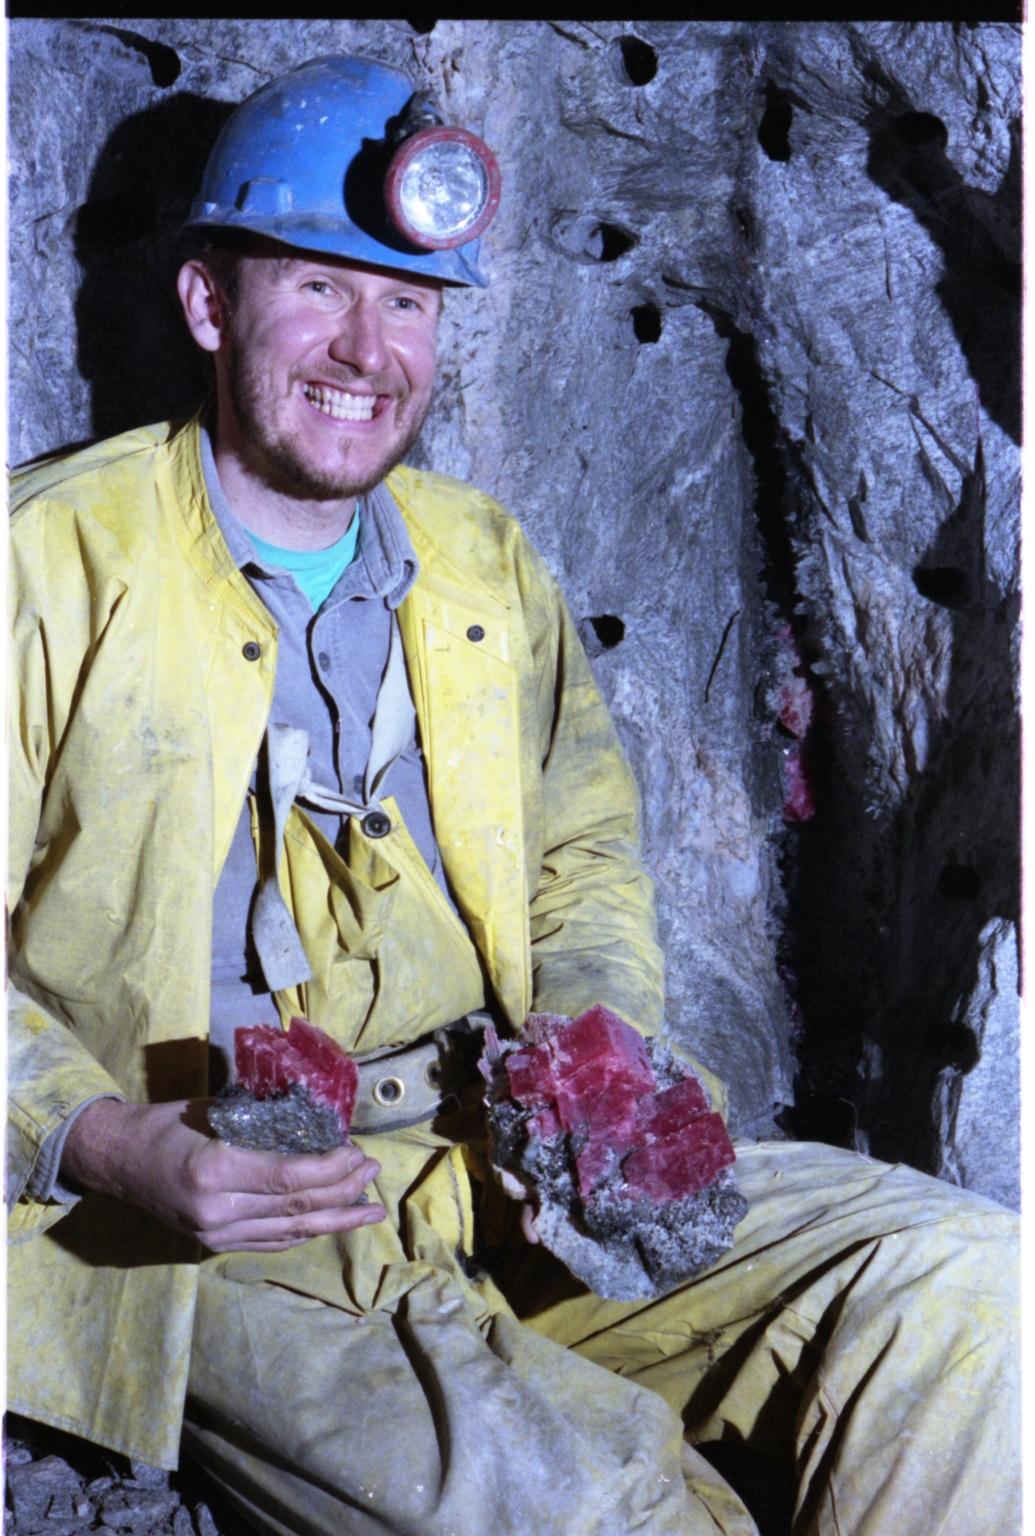 Miner Bryan Lees